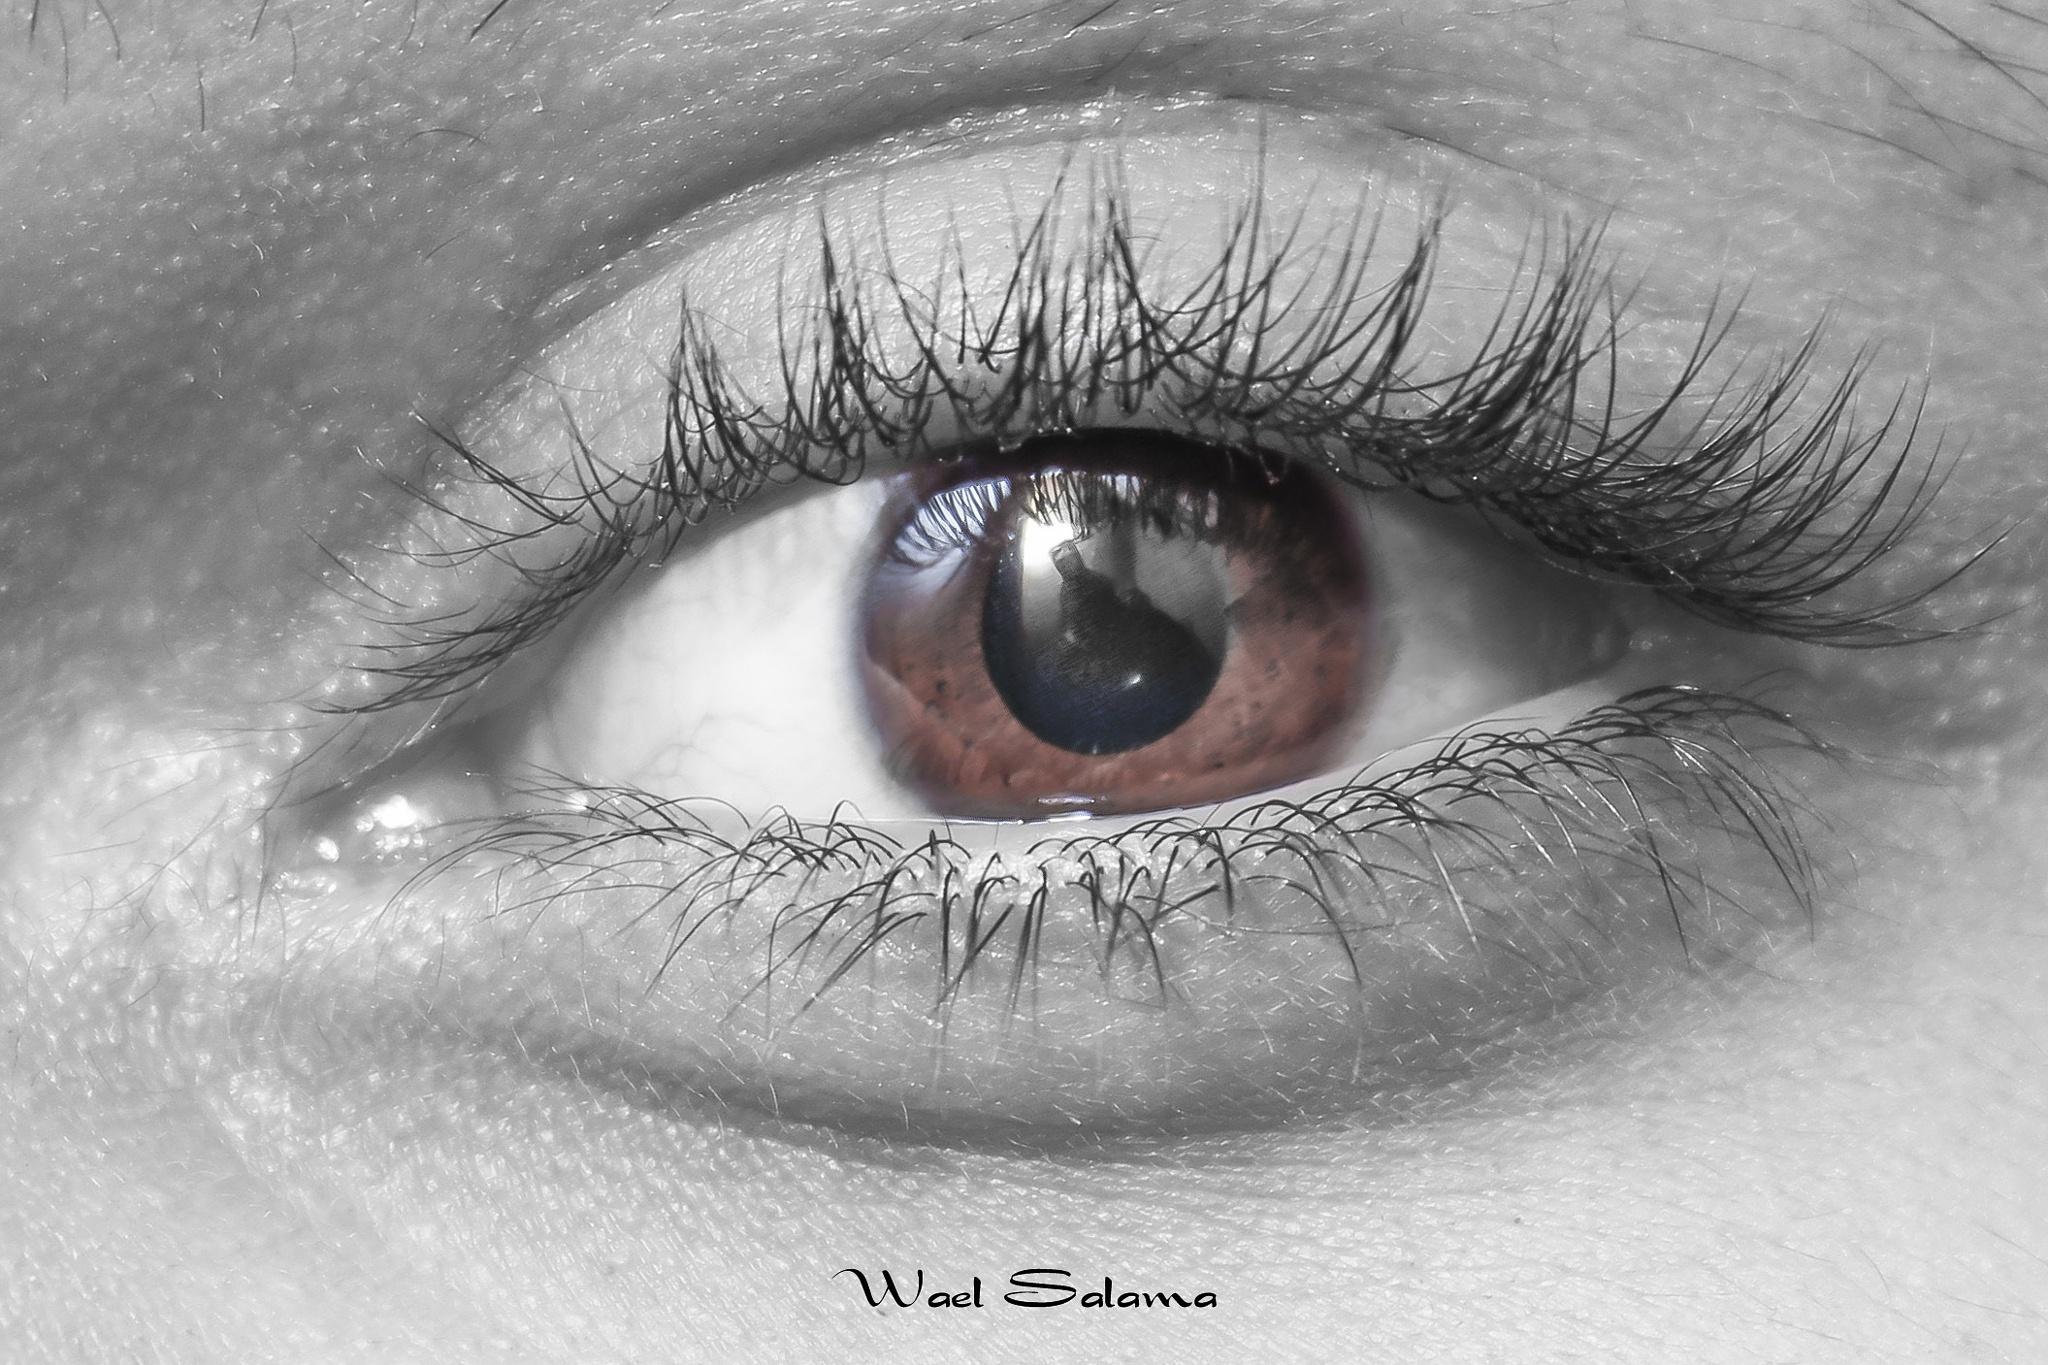 eye by Wael Salama